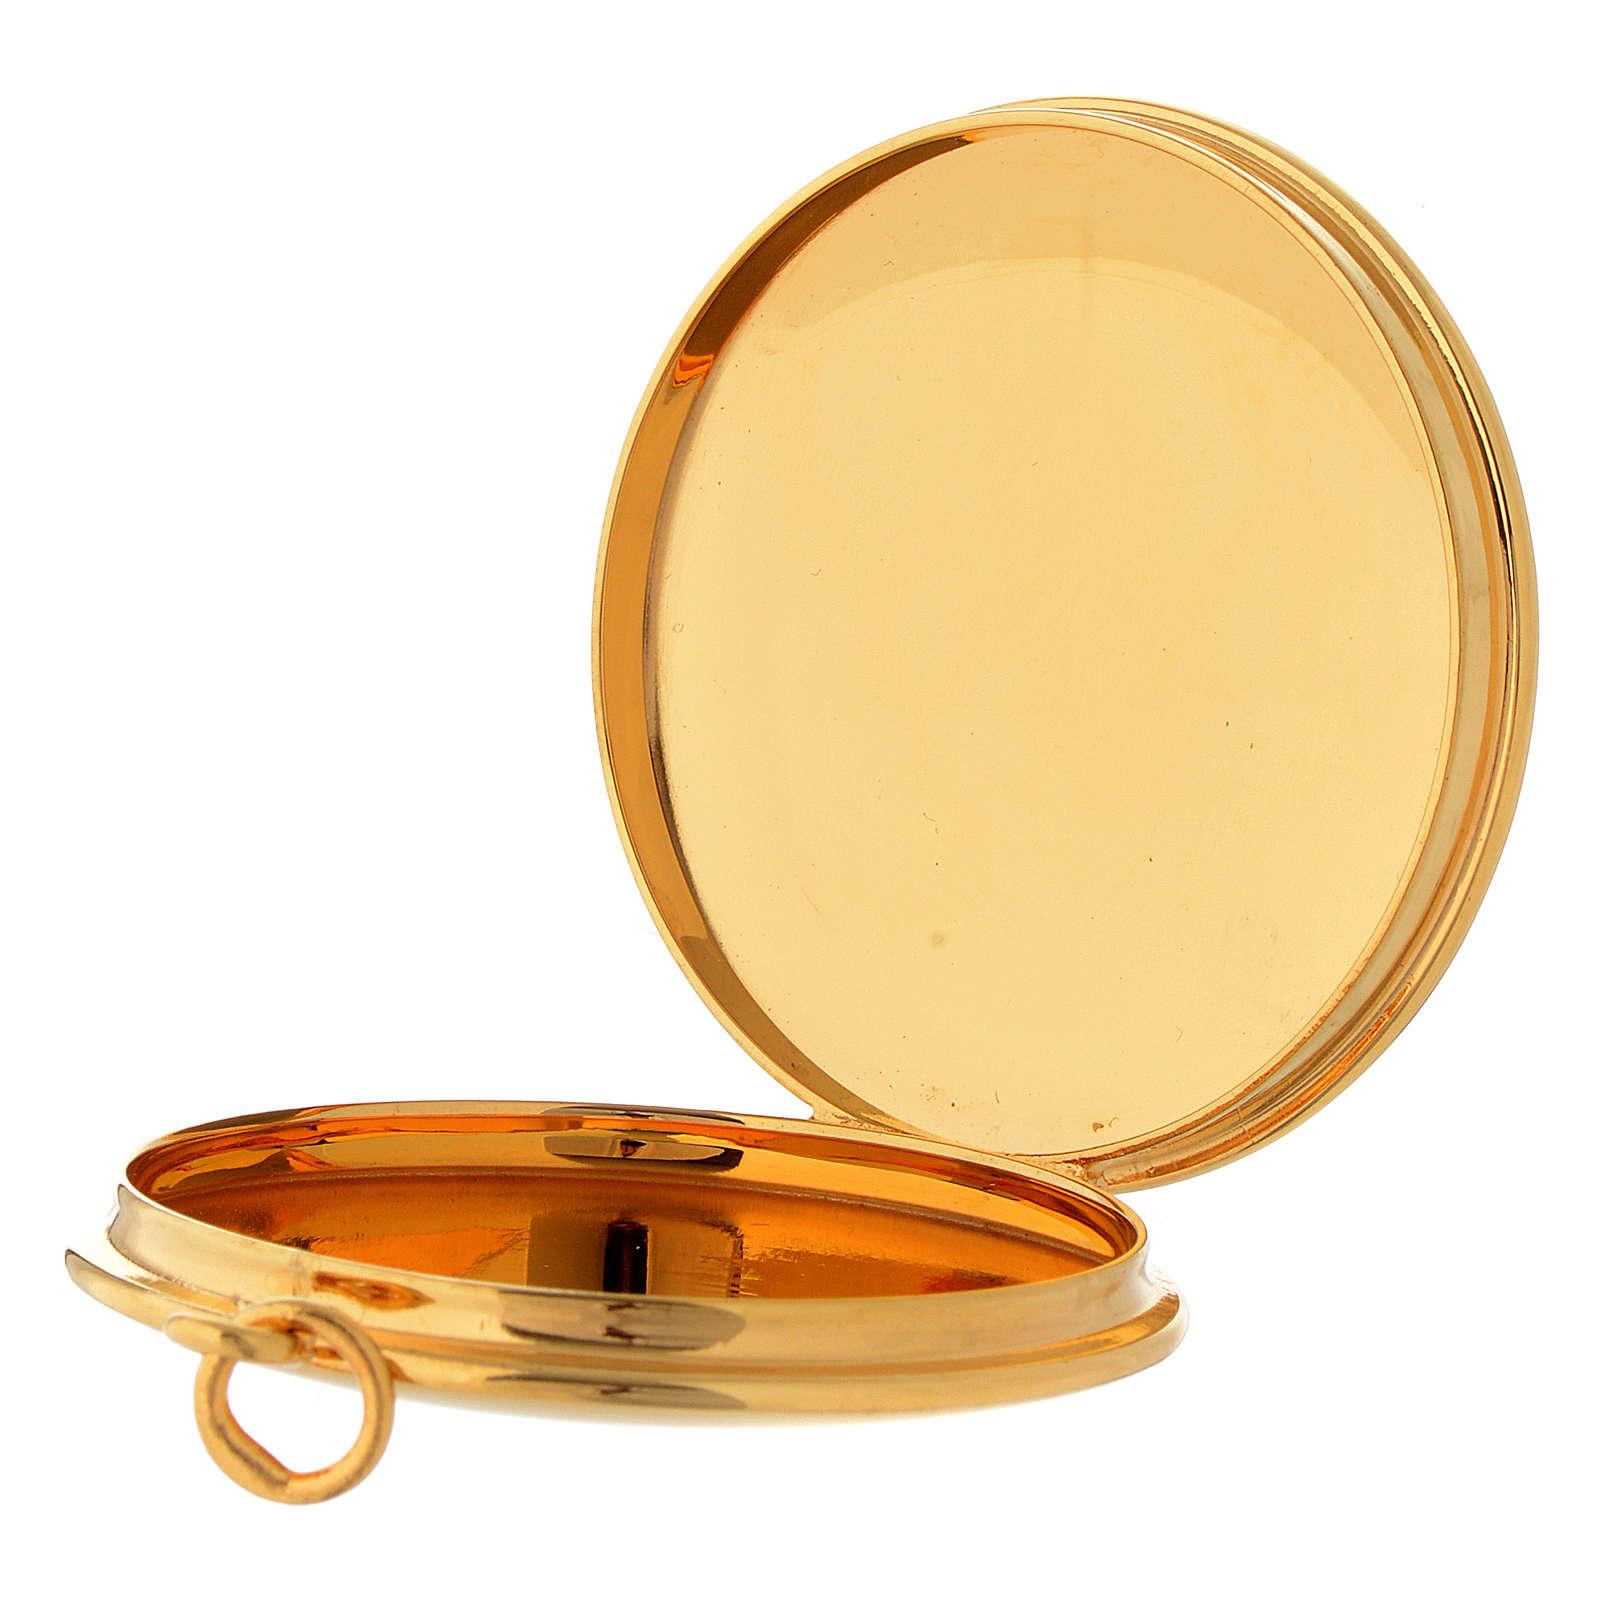 Caja para hostia Latón dorado incisión a mano PAX Molina 3